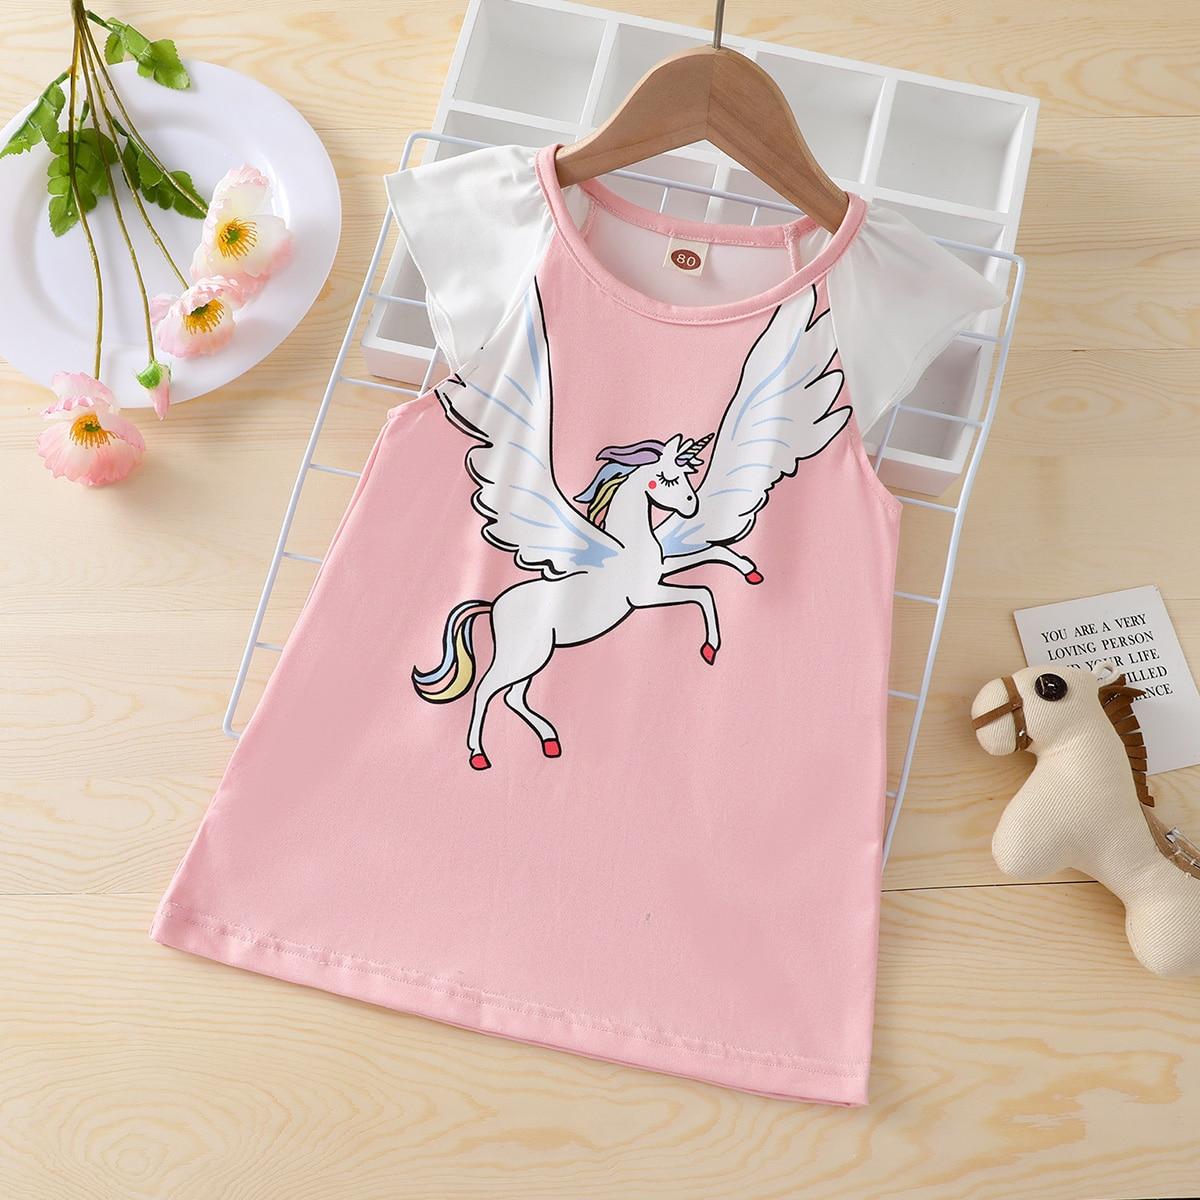 для девочек Платье-футболка с принтом единорога с рукавами крышки от SHEIN